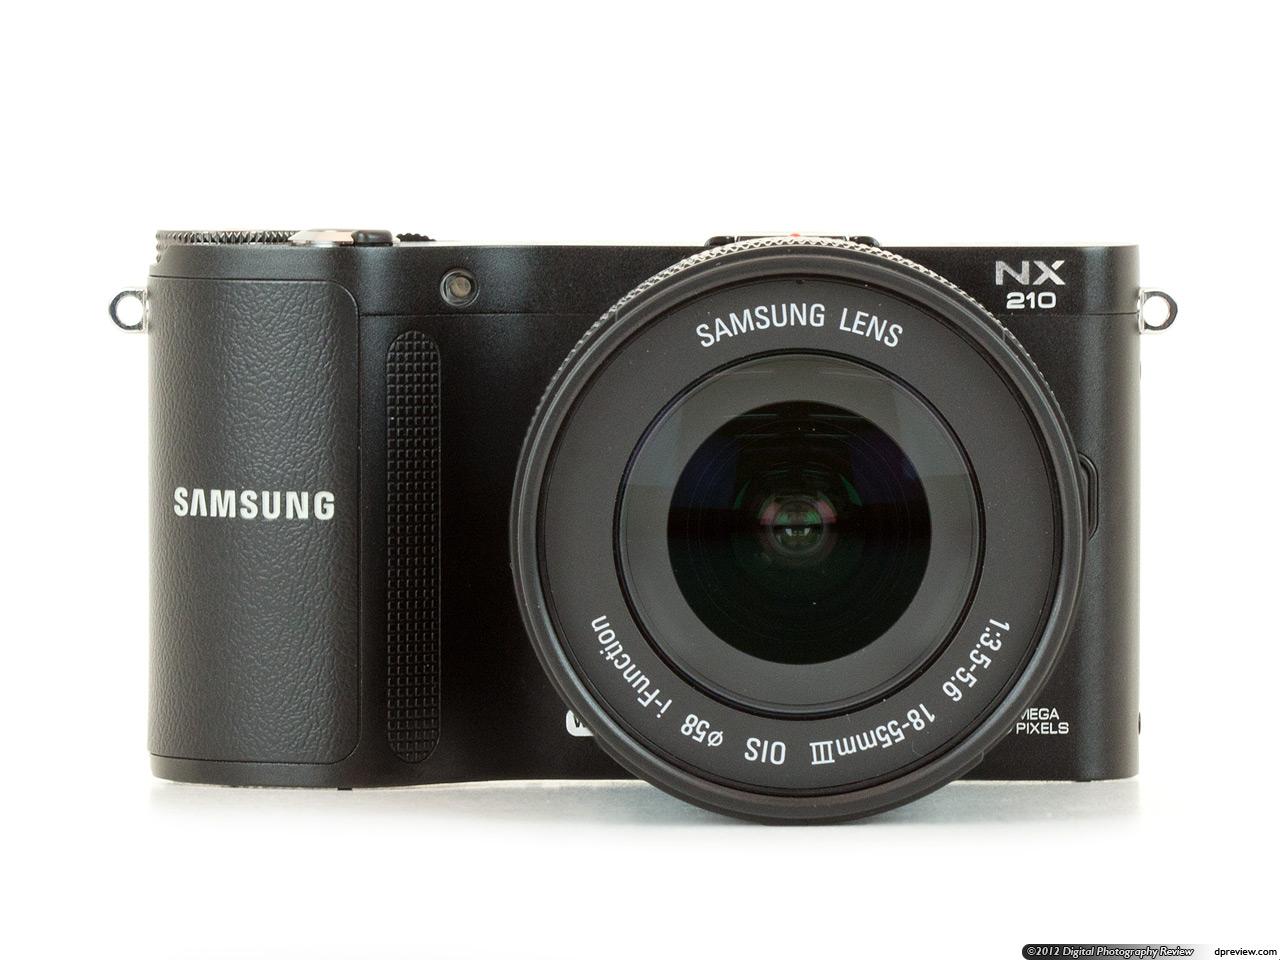 Samsung NX210 Camera LENS Driver